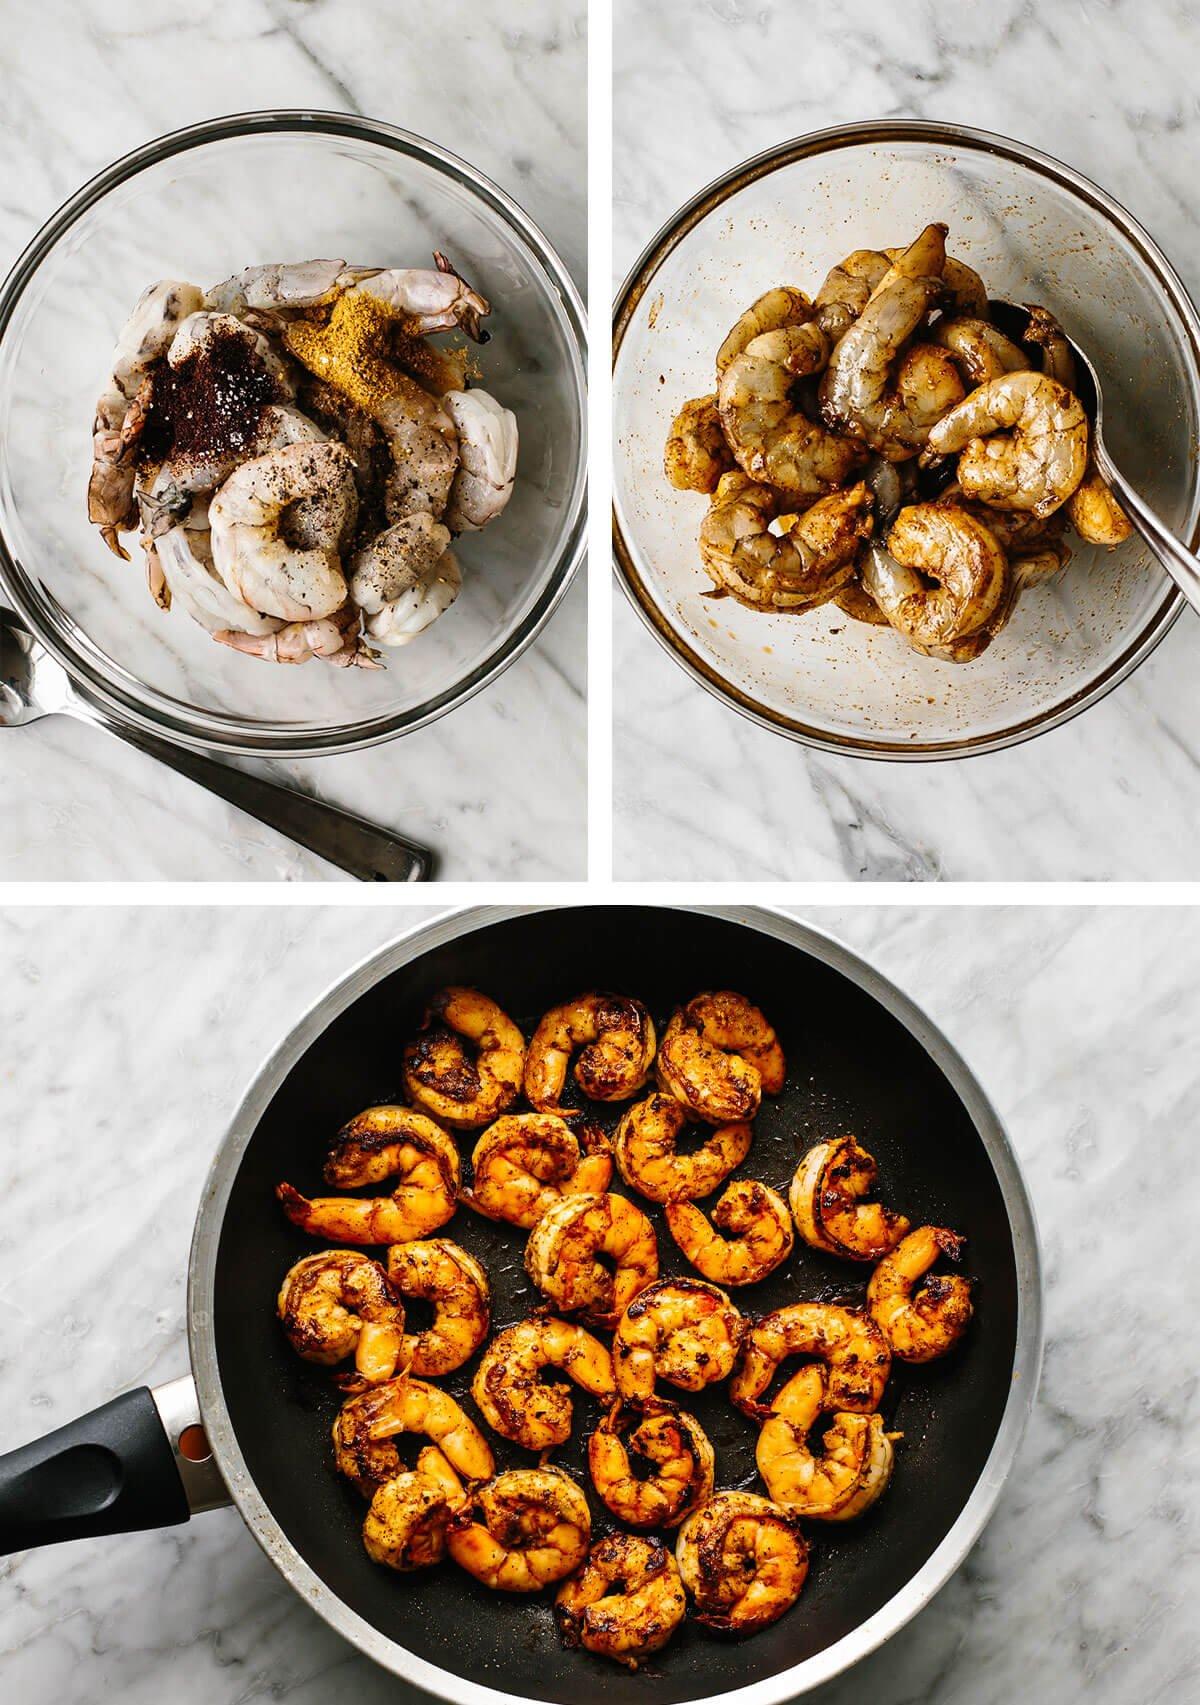 Sauteeing seasoned shrimp for shrimp tacos